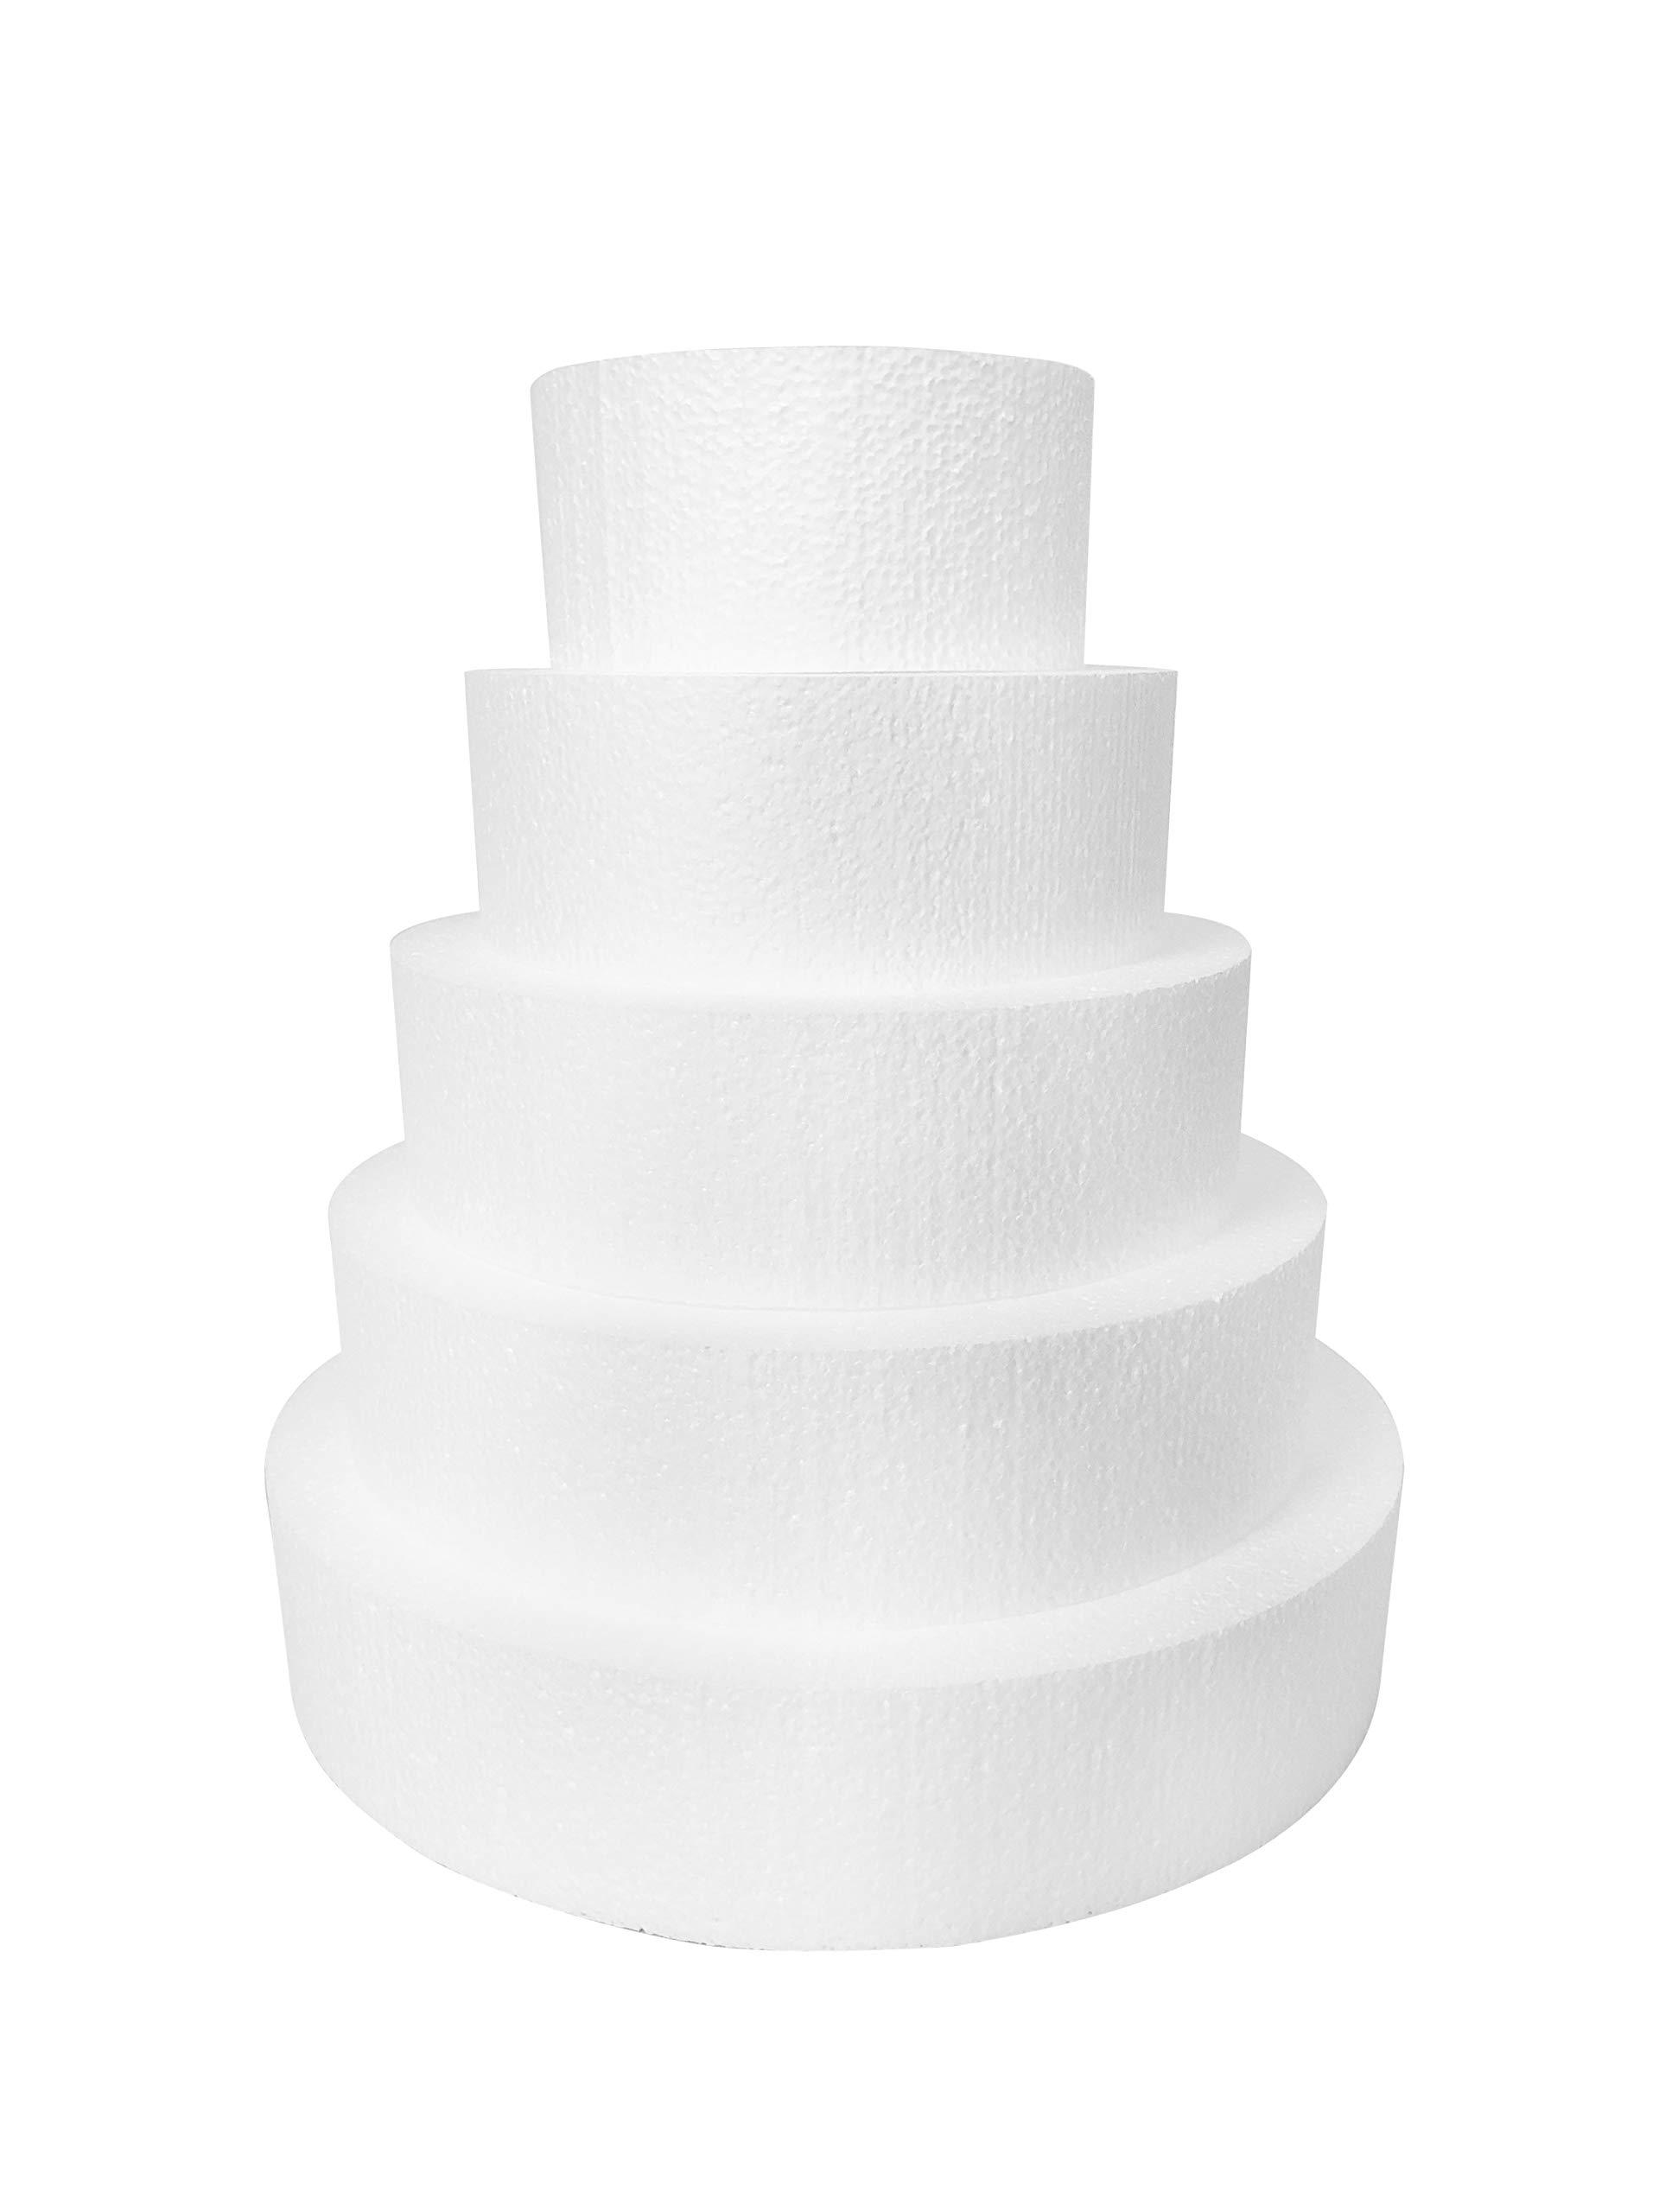 Round 3'' Cake Dummies - Set Of 5, Each 3'' High By 6'', 8'', 10'', 12'', 14'' Round